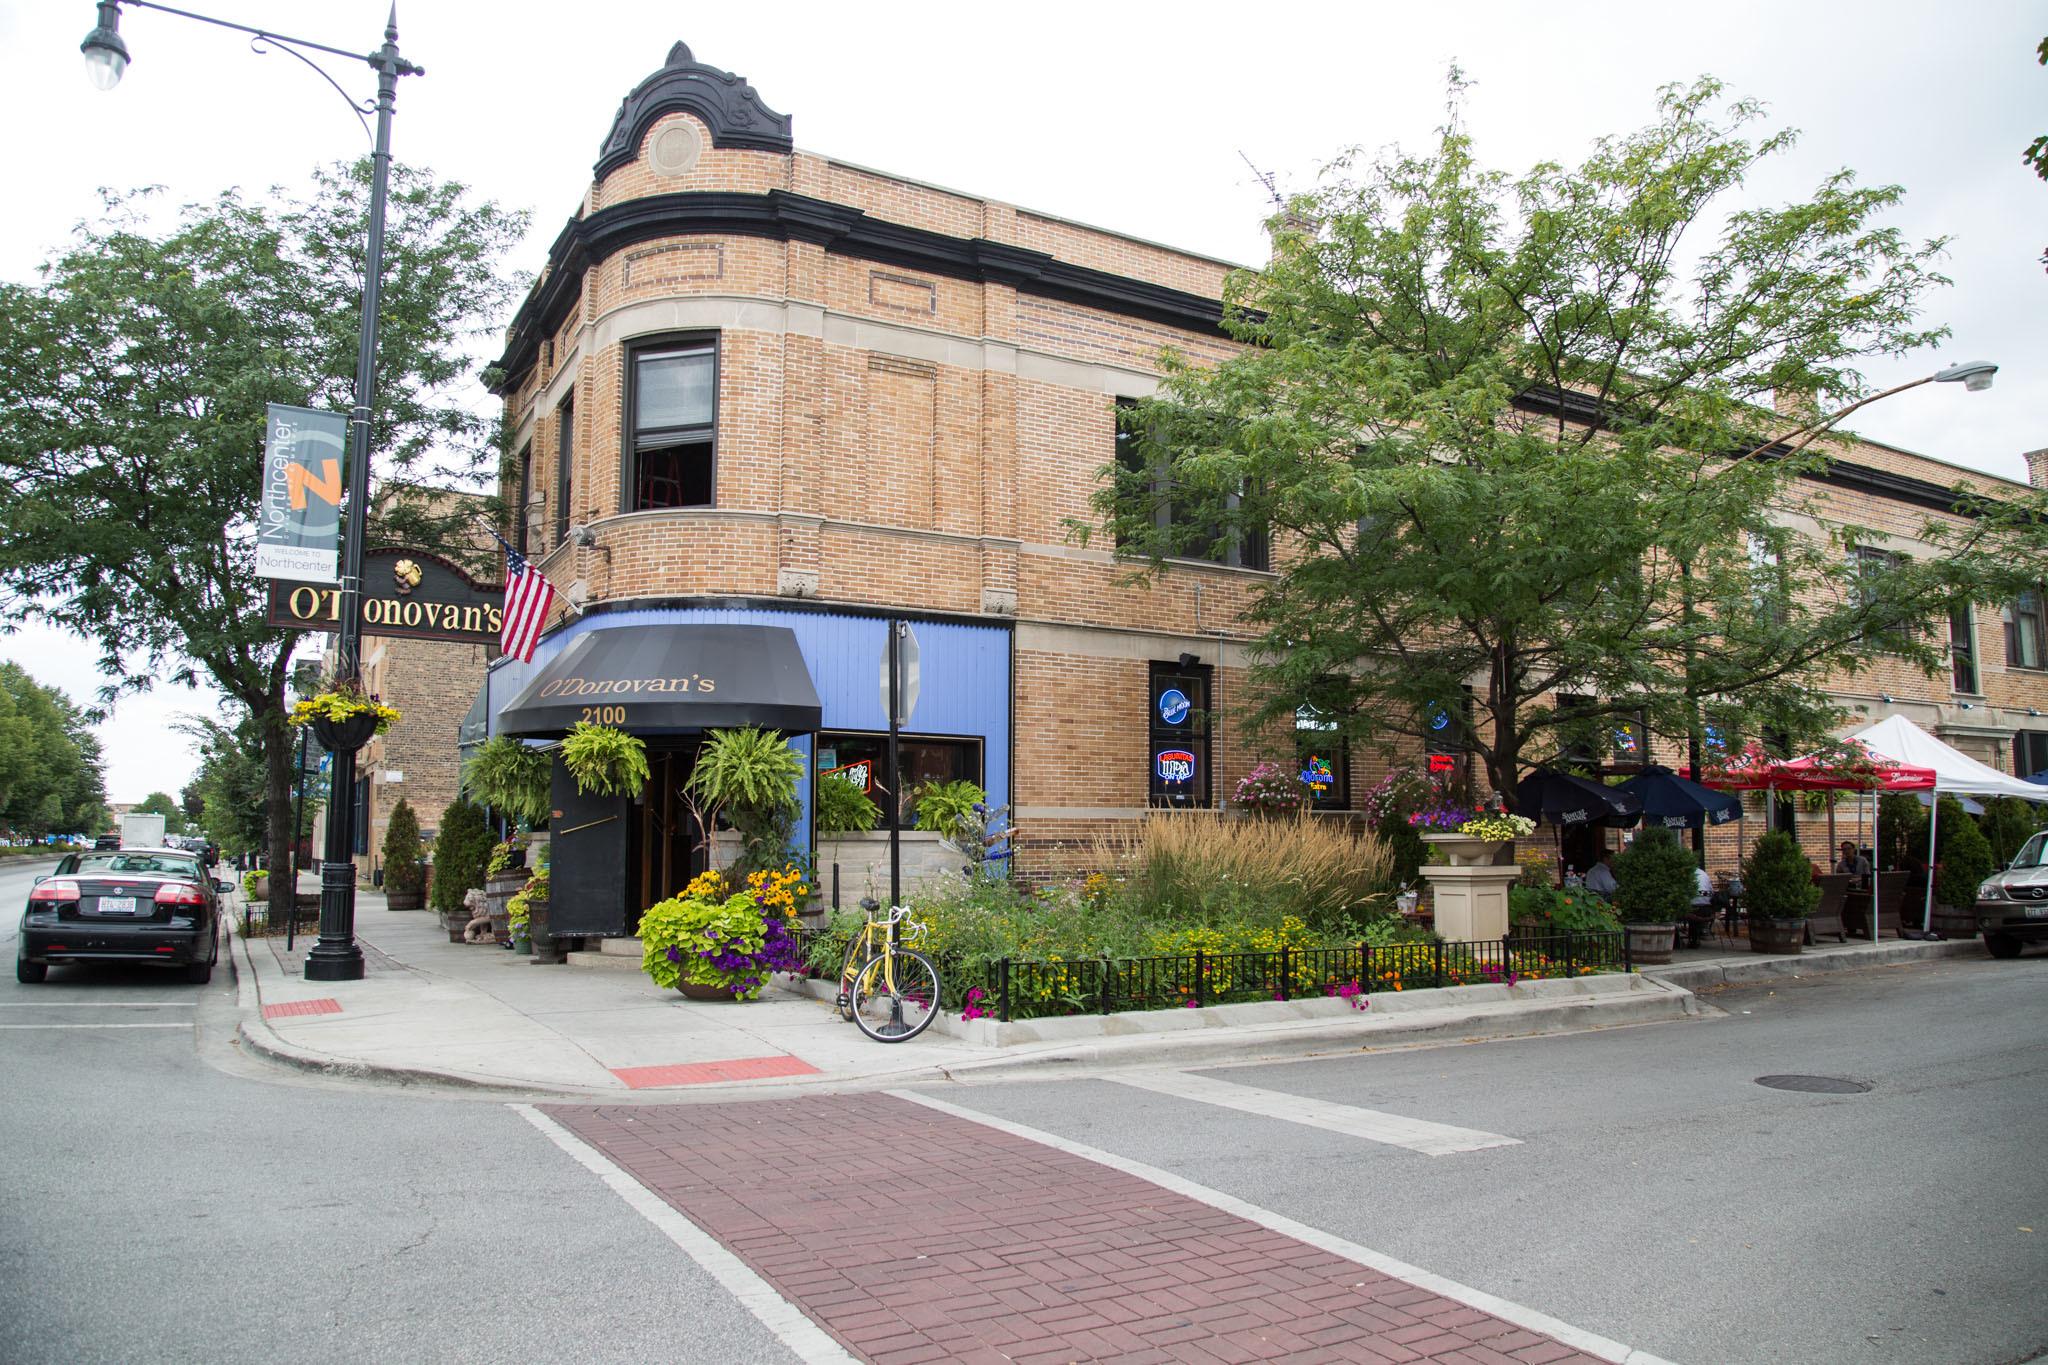 O'Donovan's